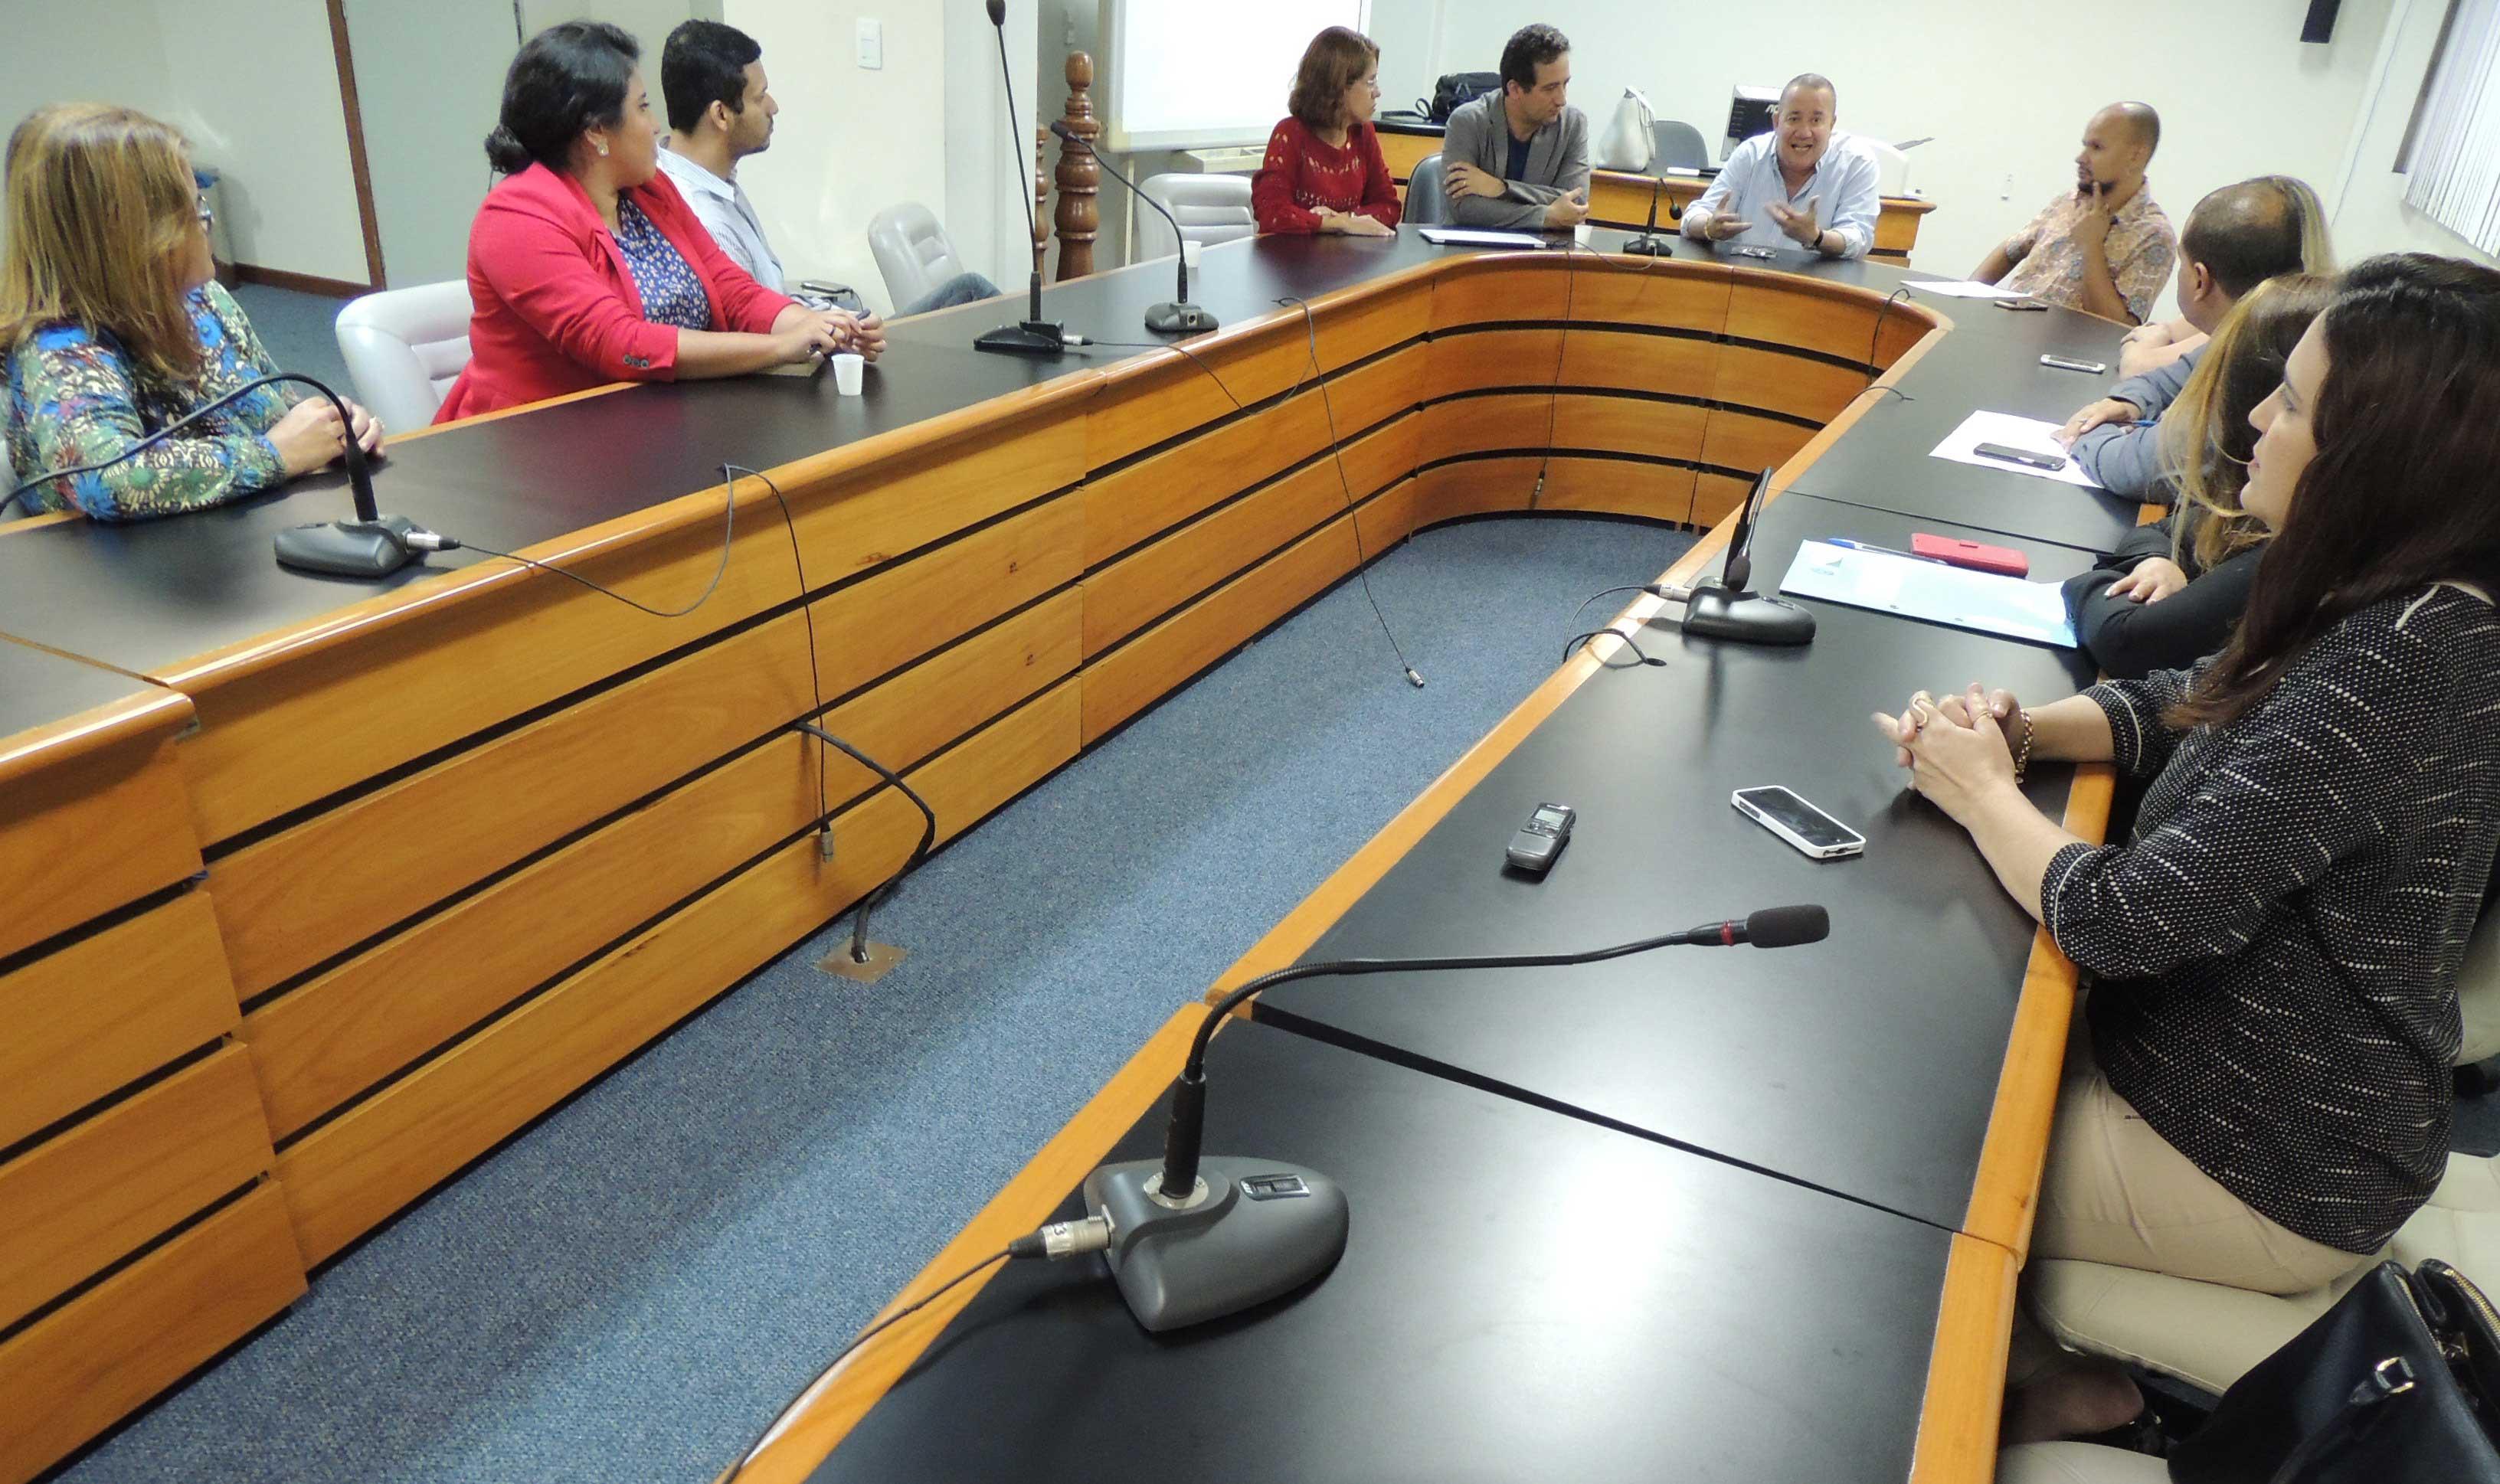 Comissão fará rodas de conversa mensais. Foto: Divulgação.